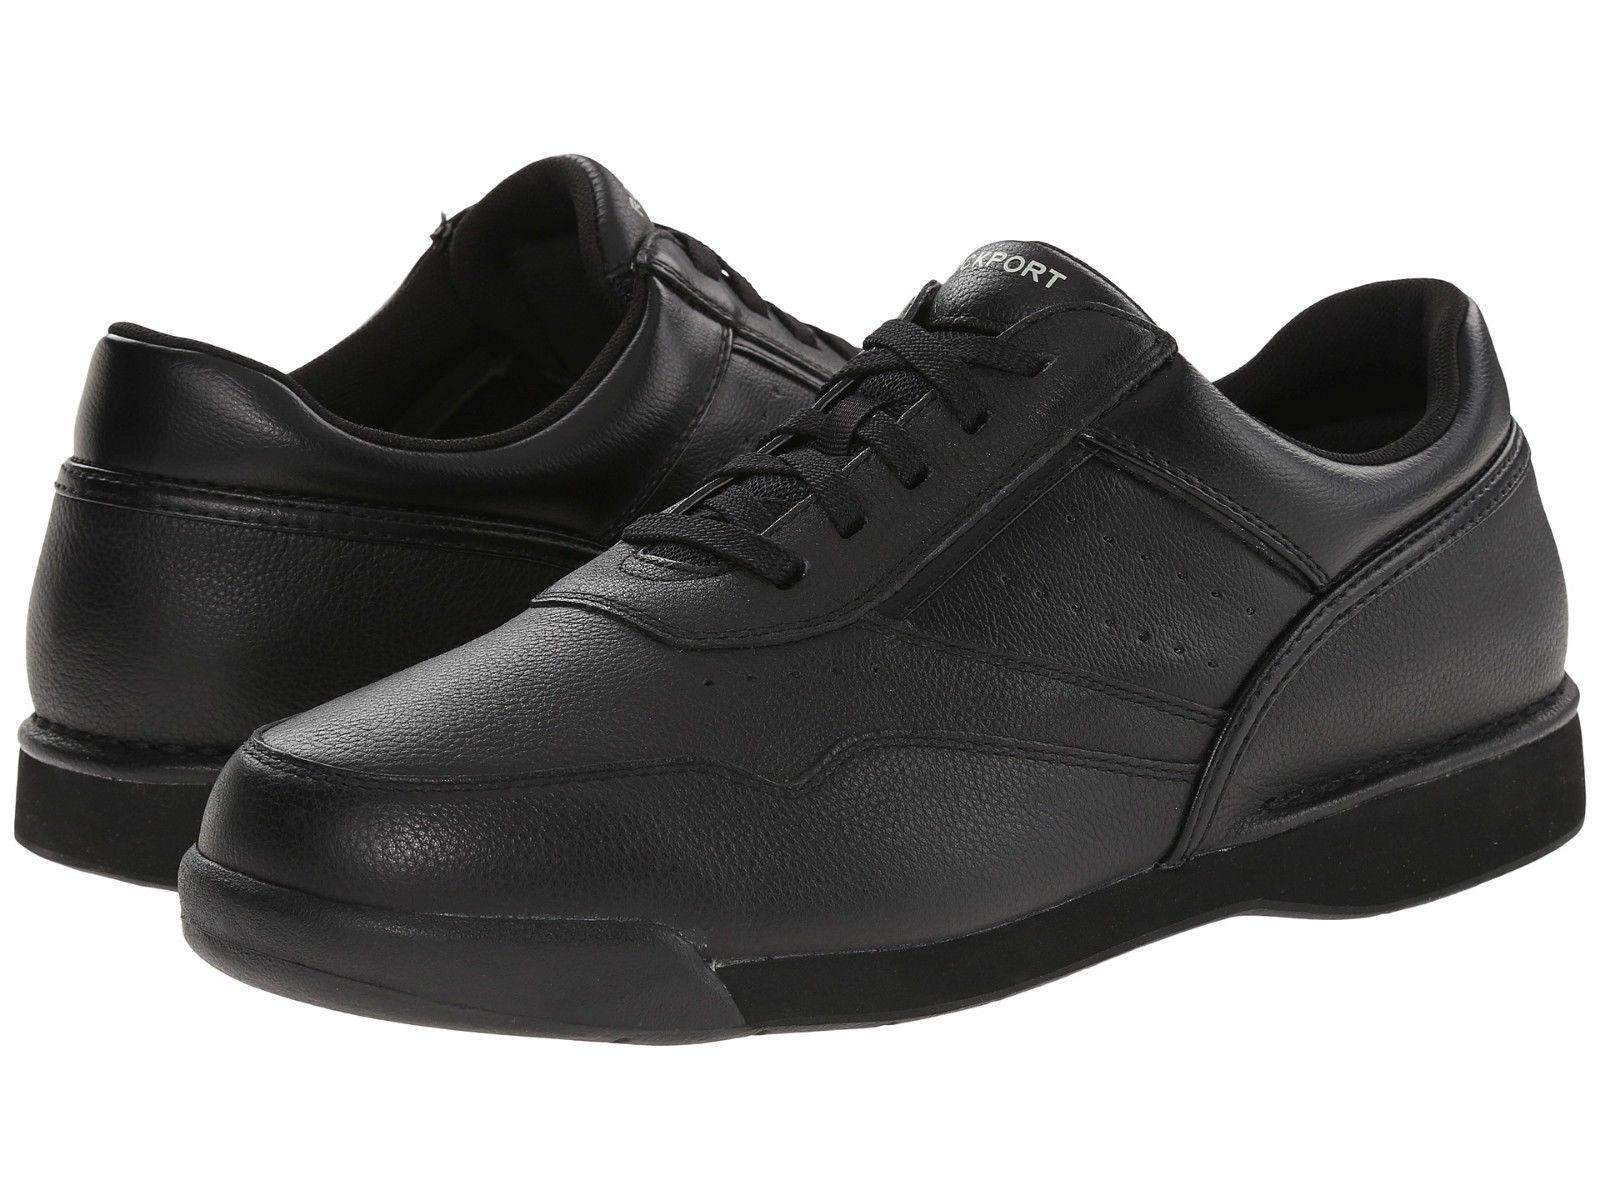 Rockport Para Hombre Zapato M7100 K71096 Prowalker Caminar